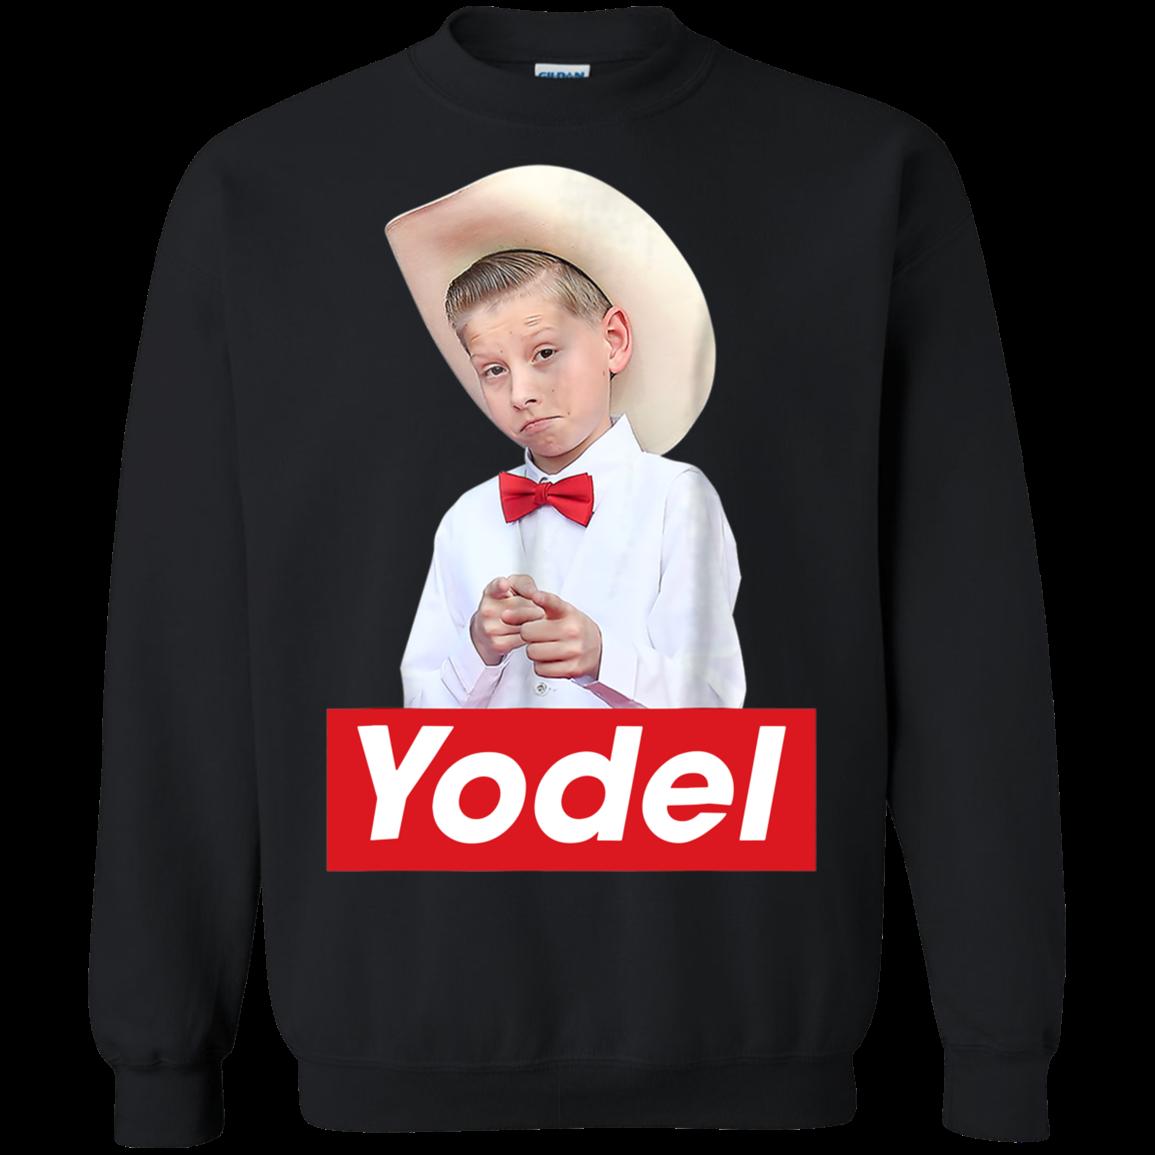 Yodeling Boy Singing Video Shirts